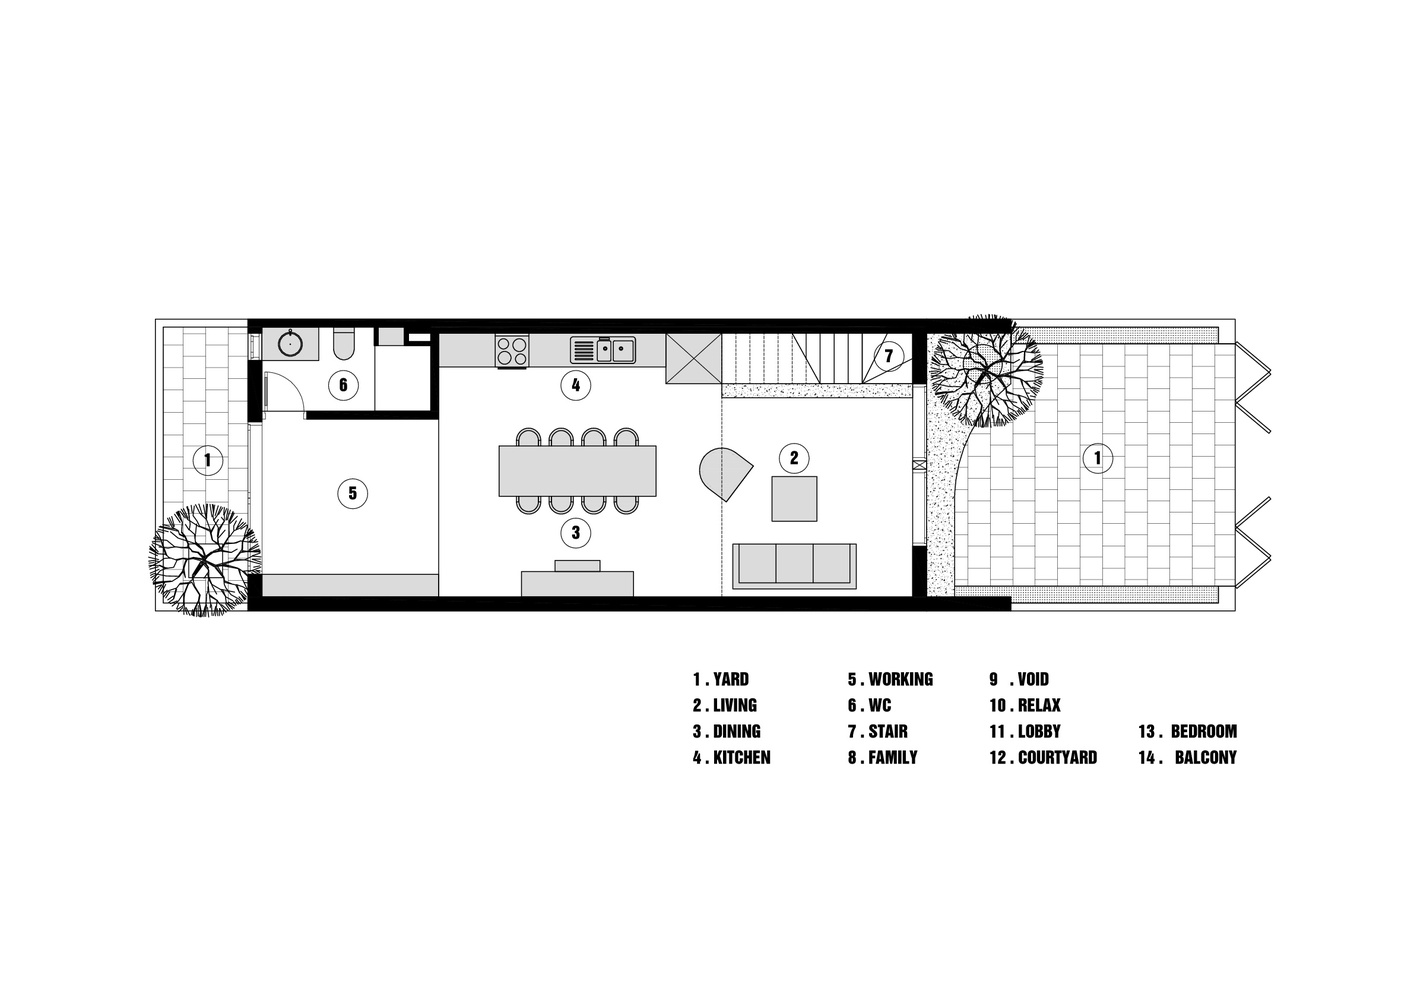 v面积灰面积,将仅5x12m的空间内变成宽广的家图纸样机械图片